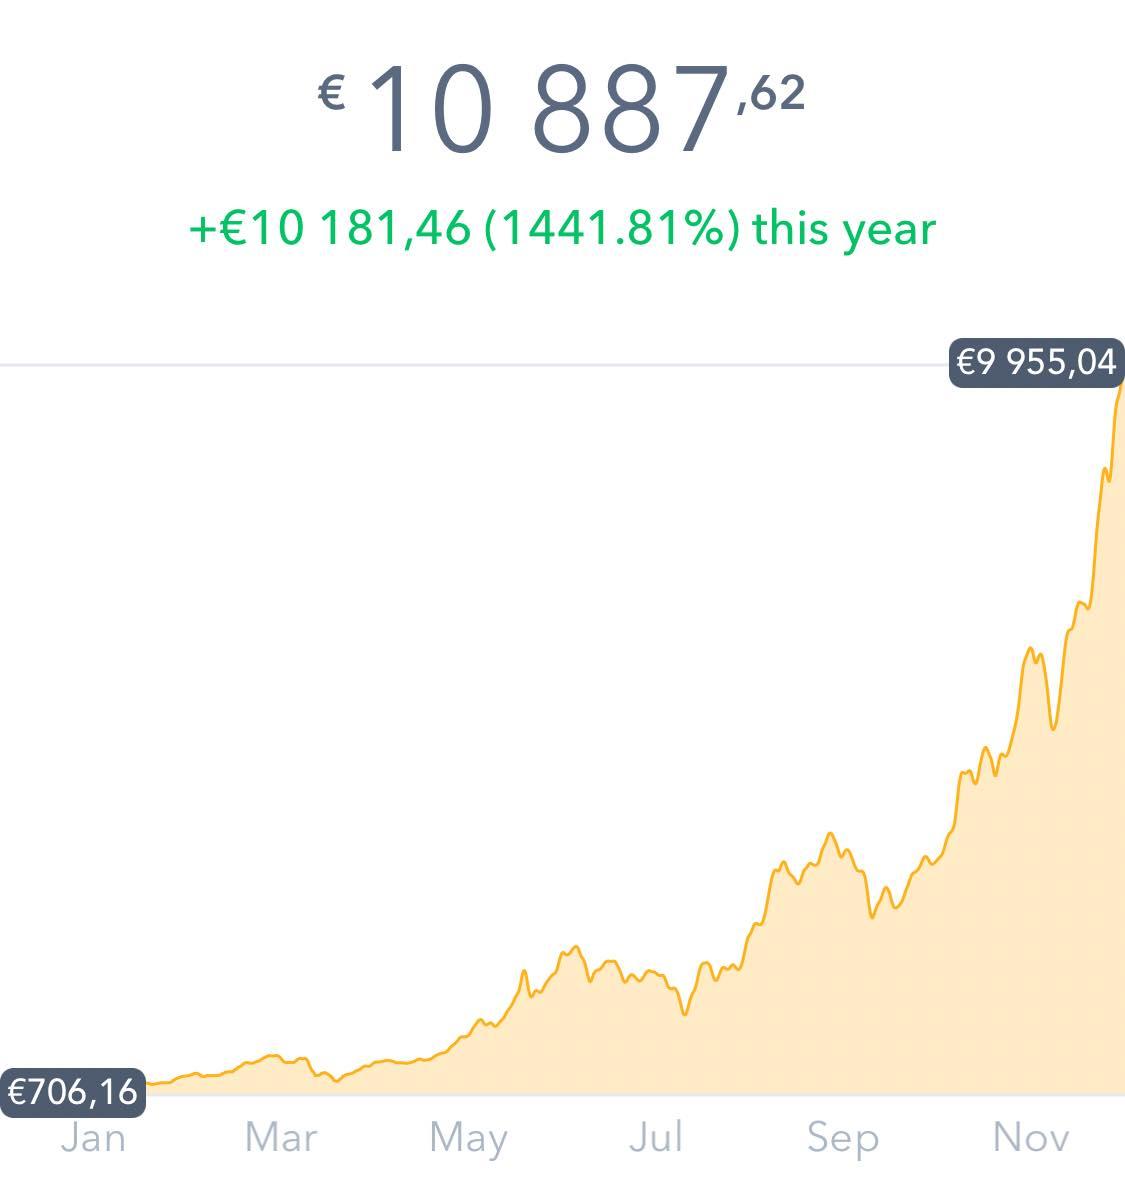 cours 2017 devise monnaie virtuelle BitCoin